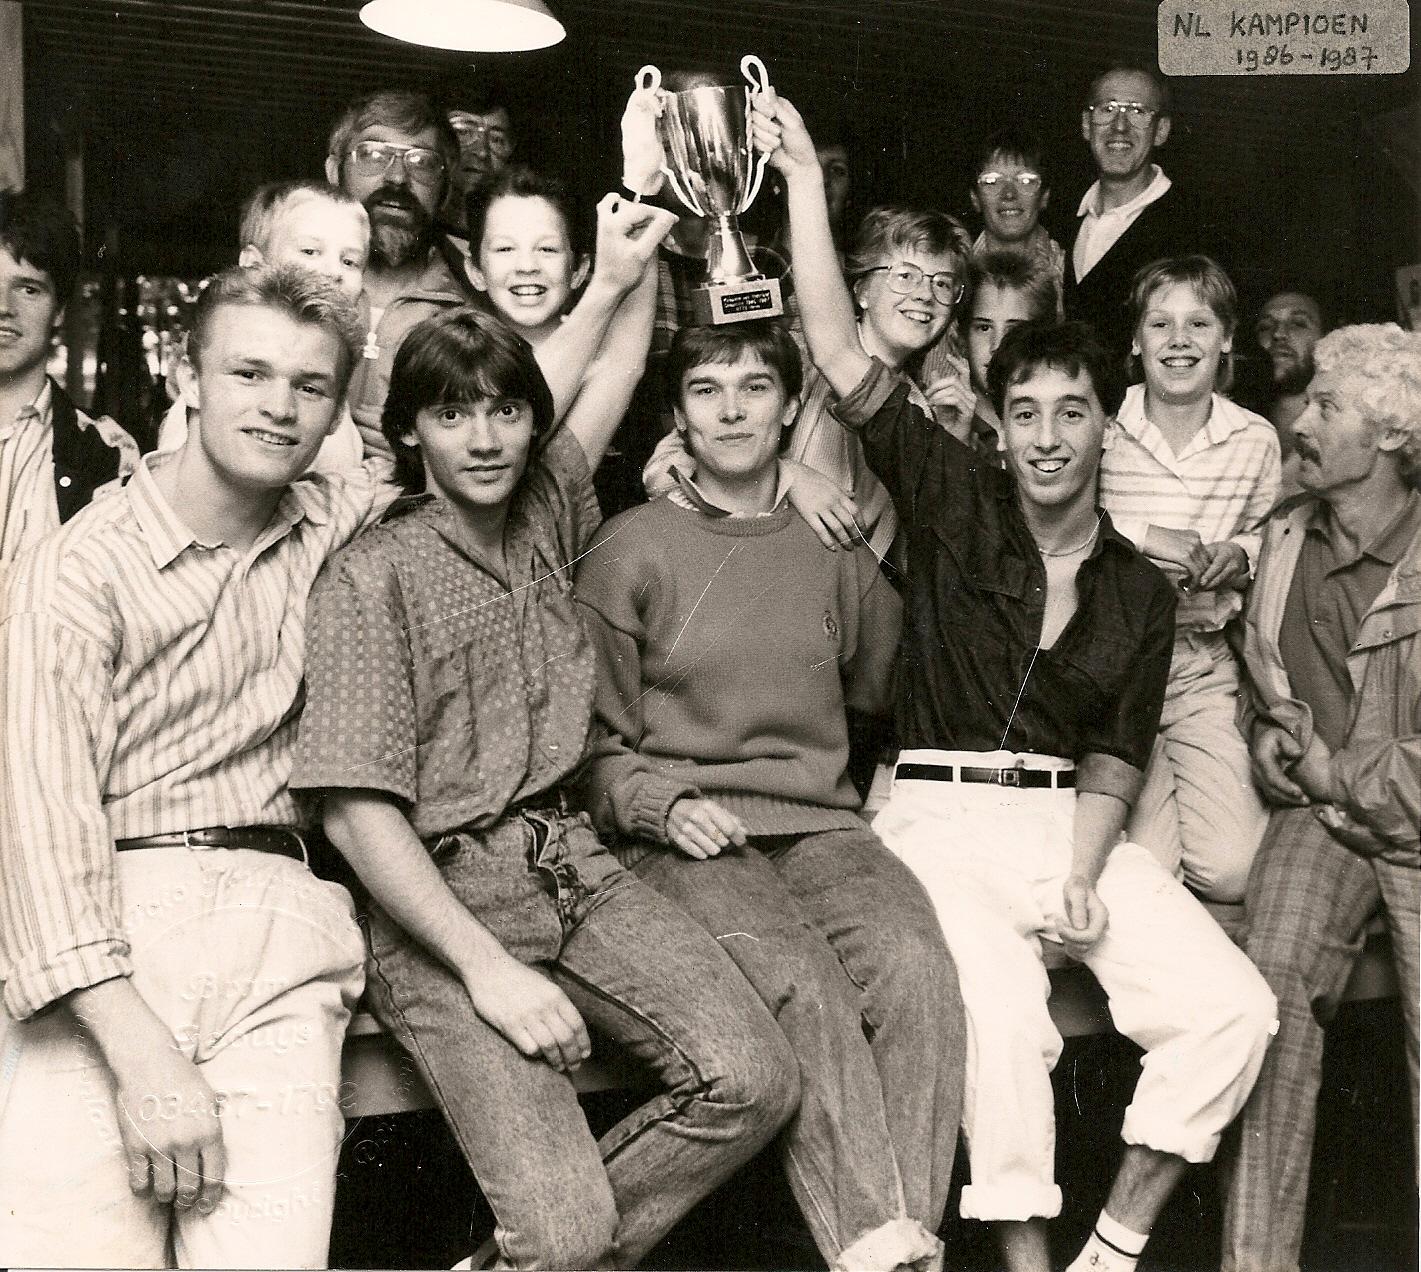 Geschiedenis-H1-Ned1.kampioen-1986-1987